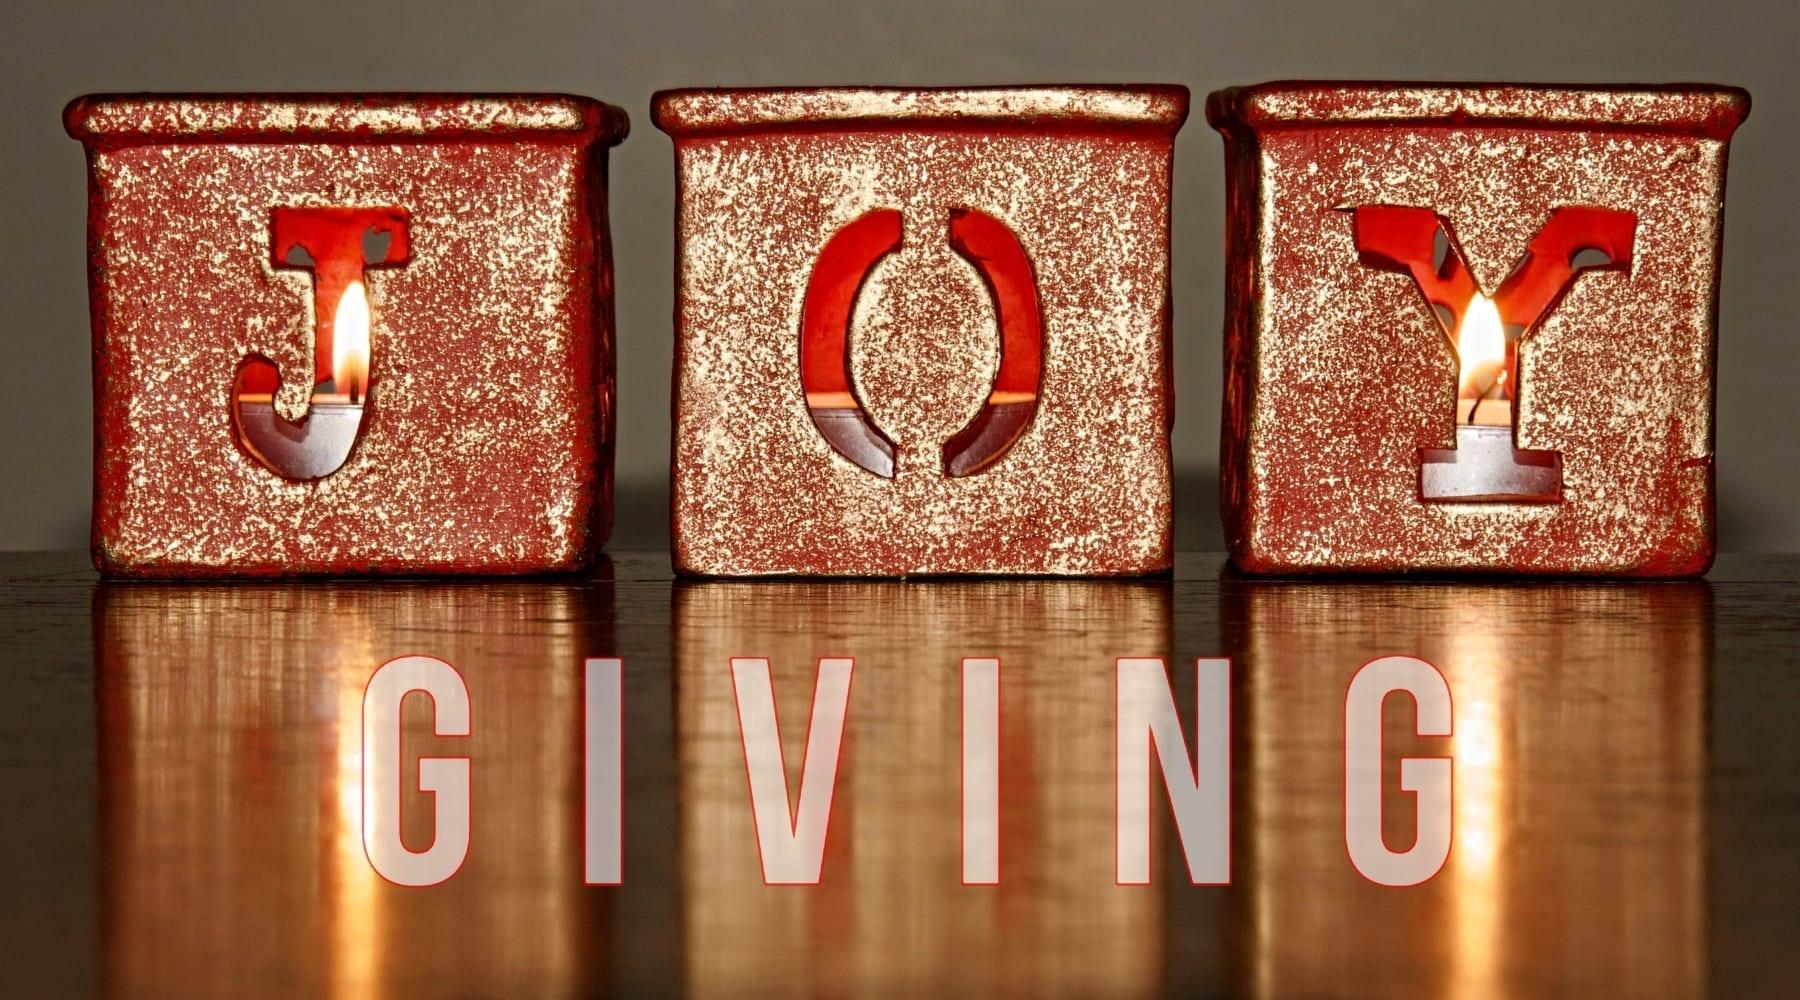 Advent Joy: Giving Joy